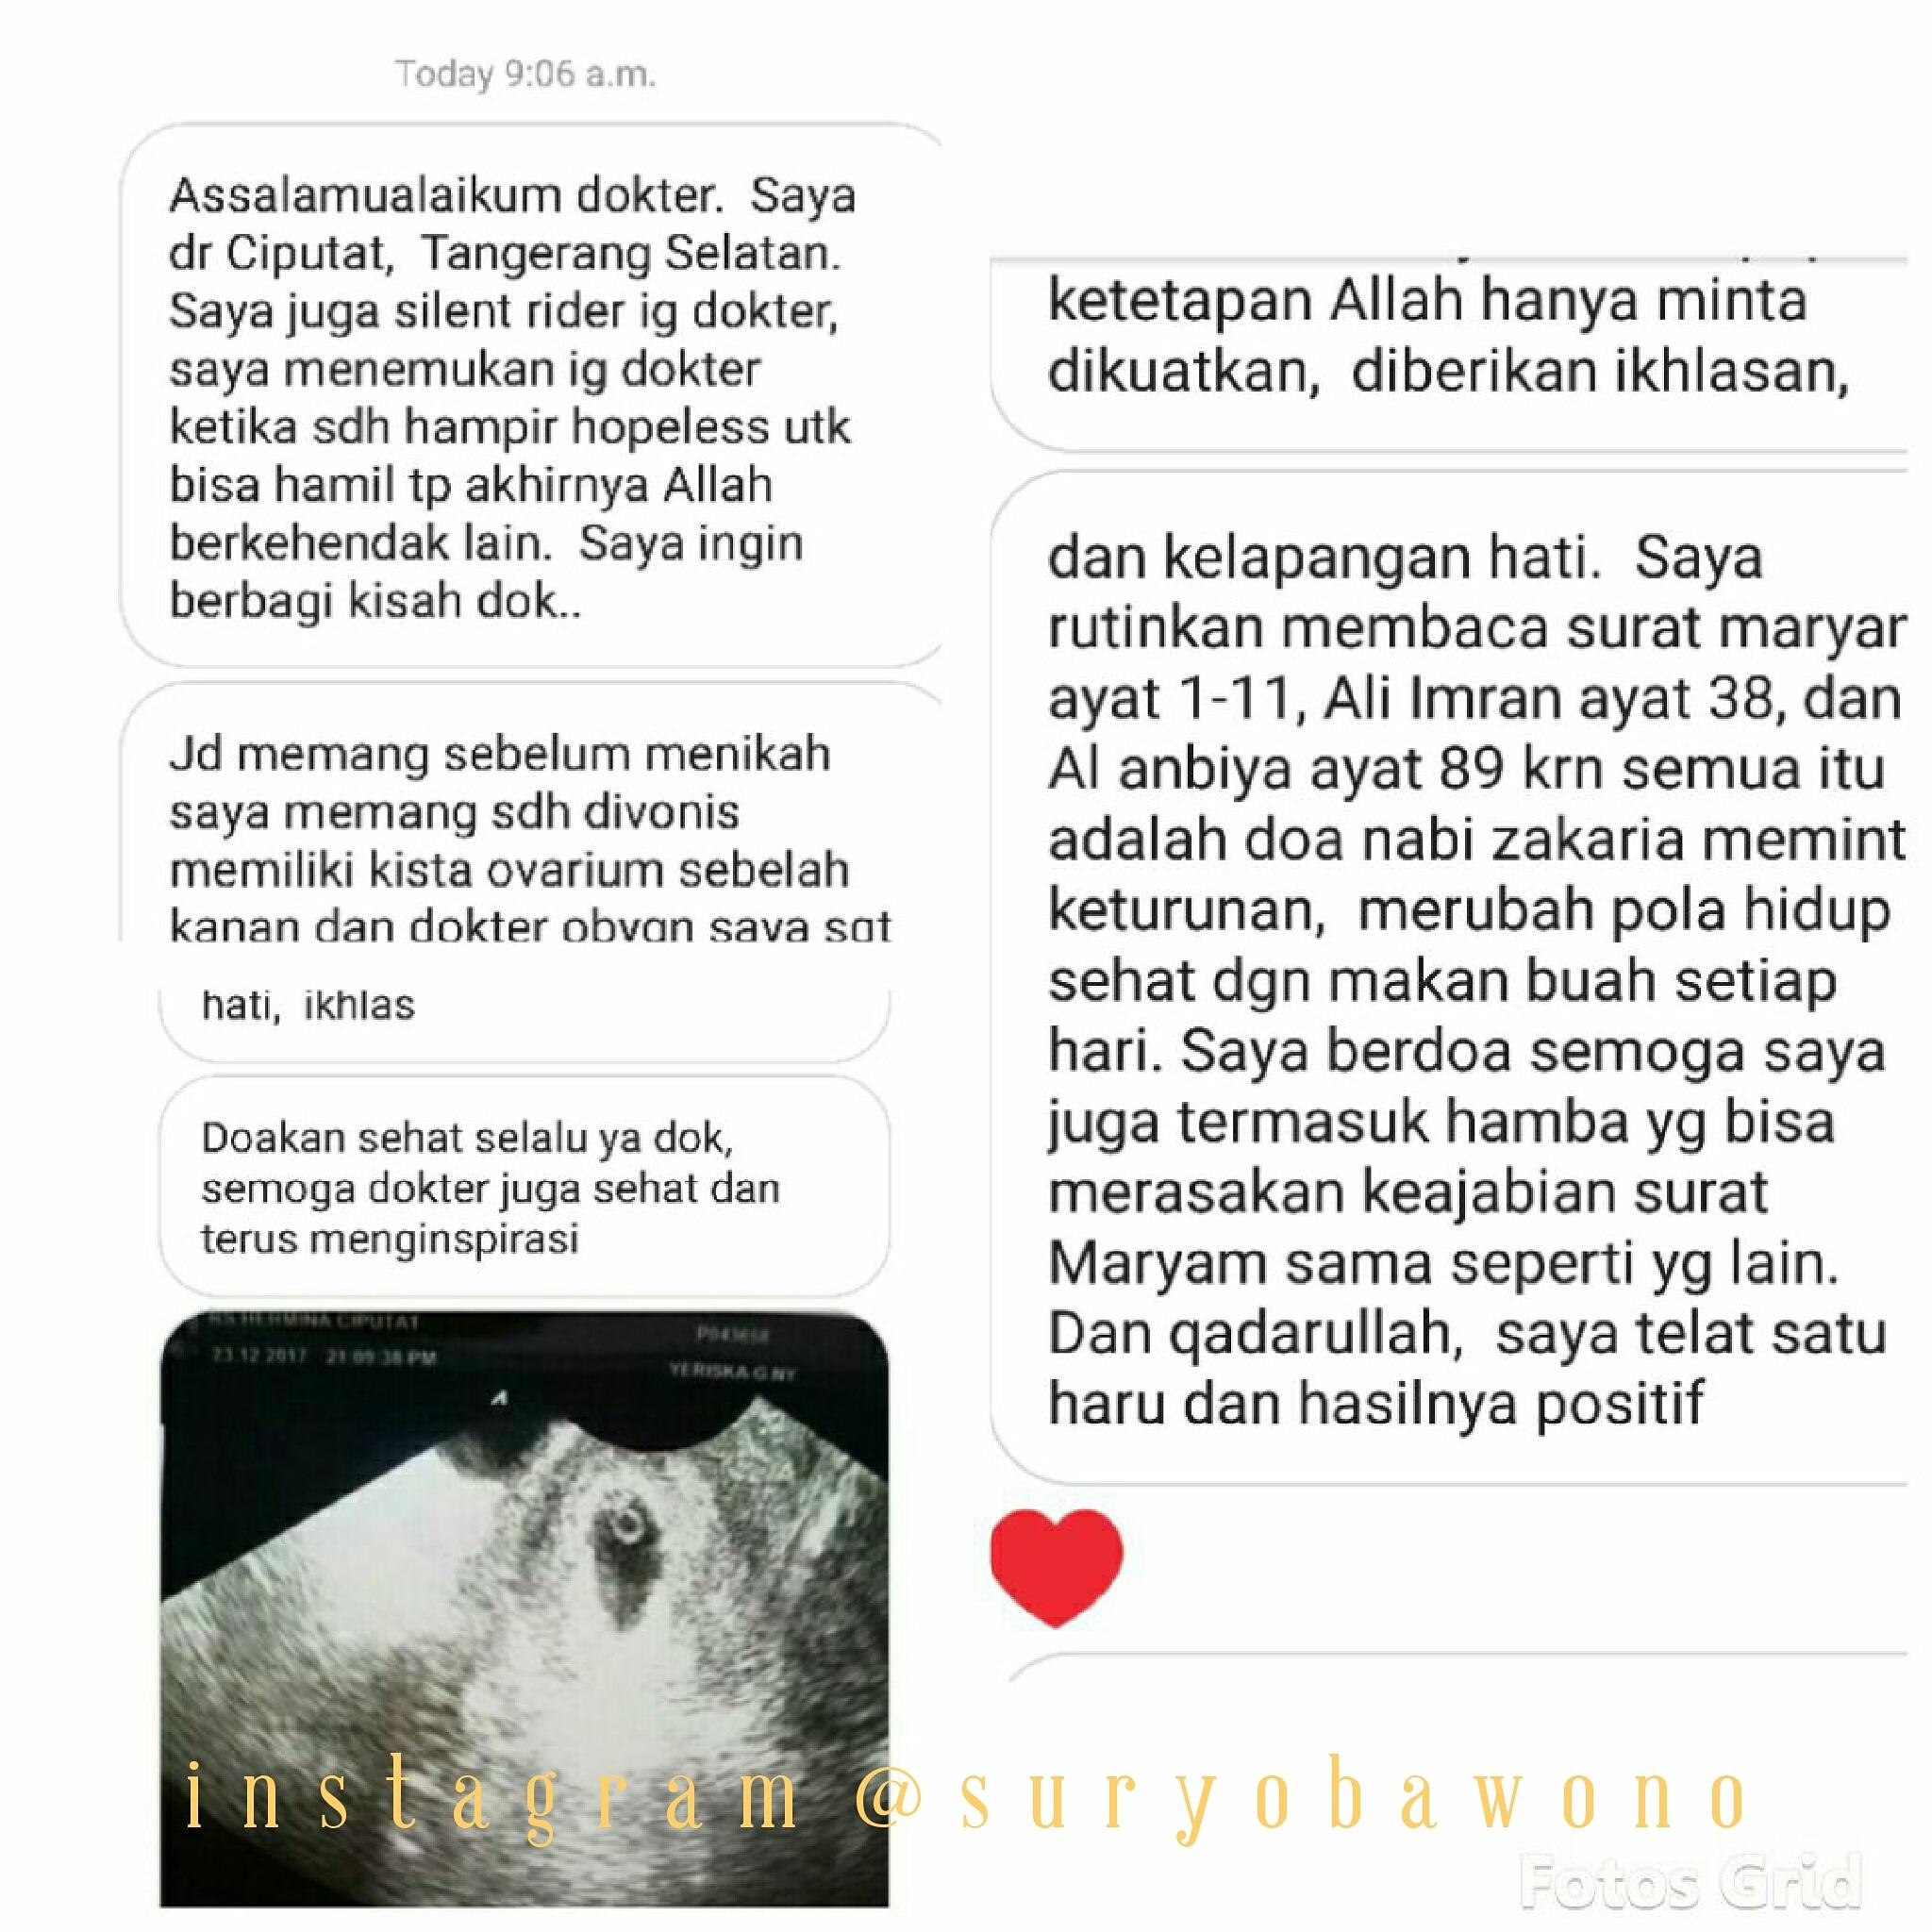 Kisah Kista Dan Surat 191 11 Dr Suryo Spog Kesehatan